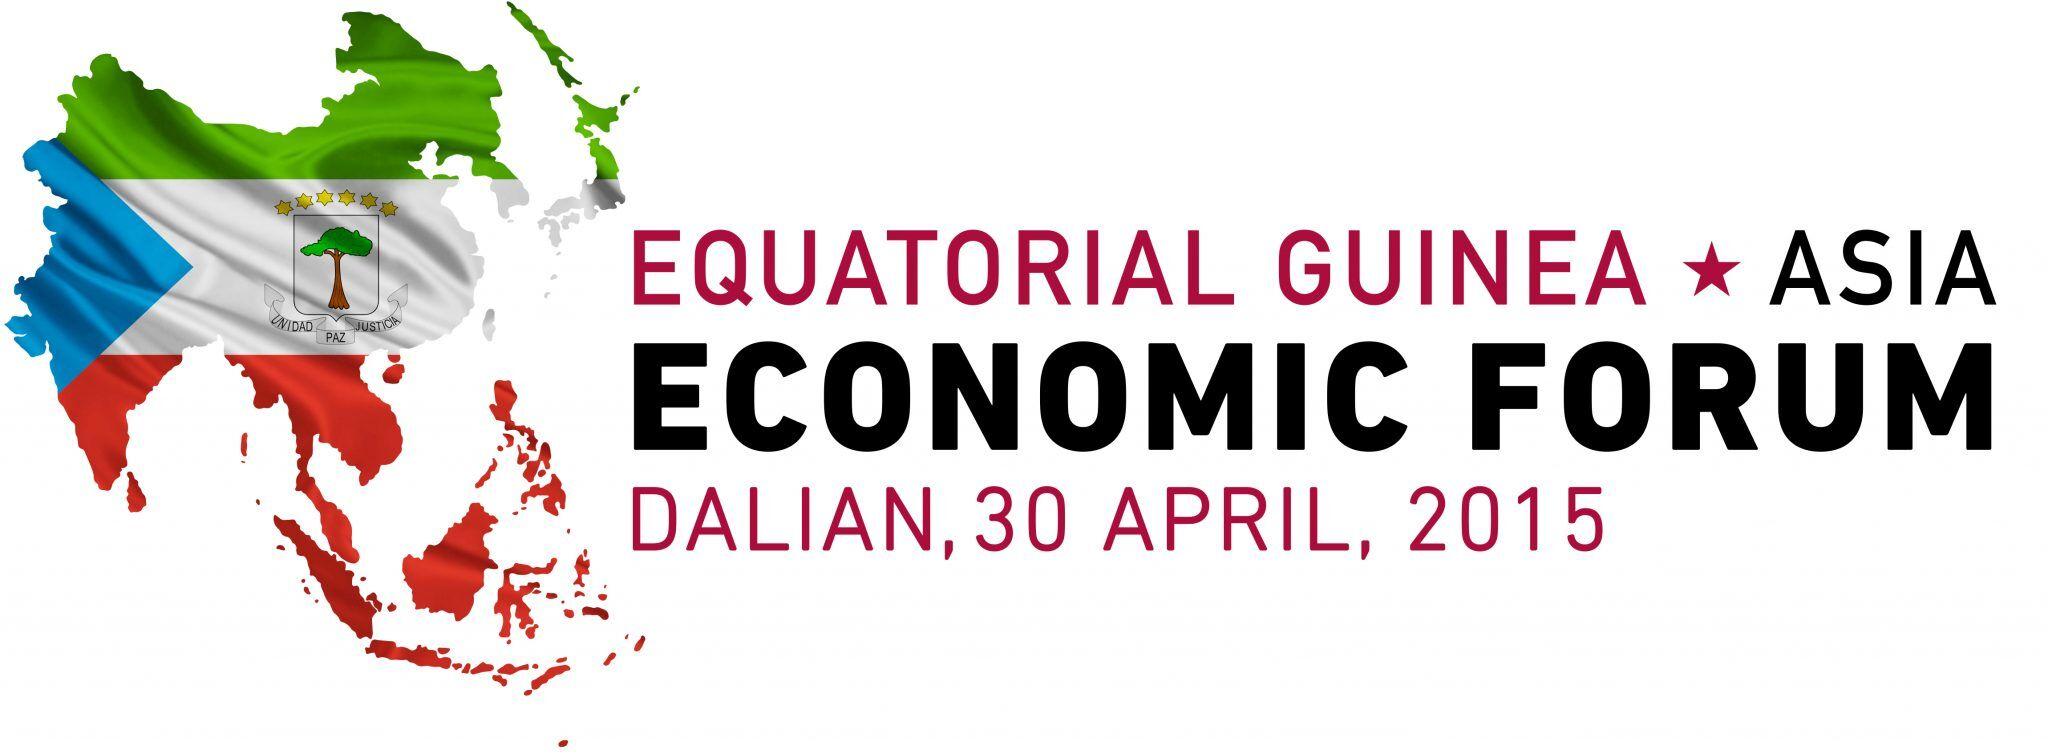 EG-Asia logo